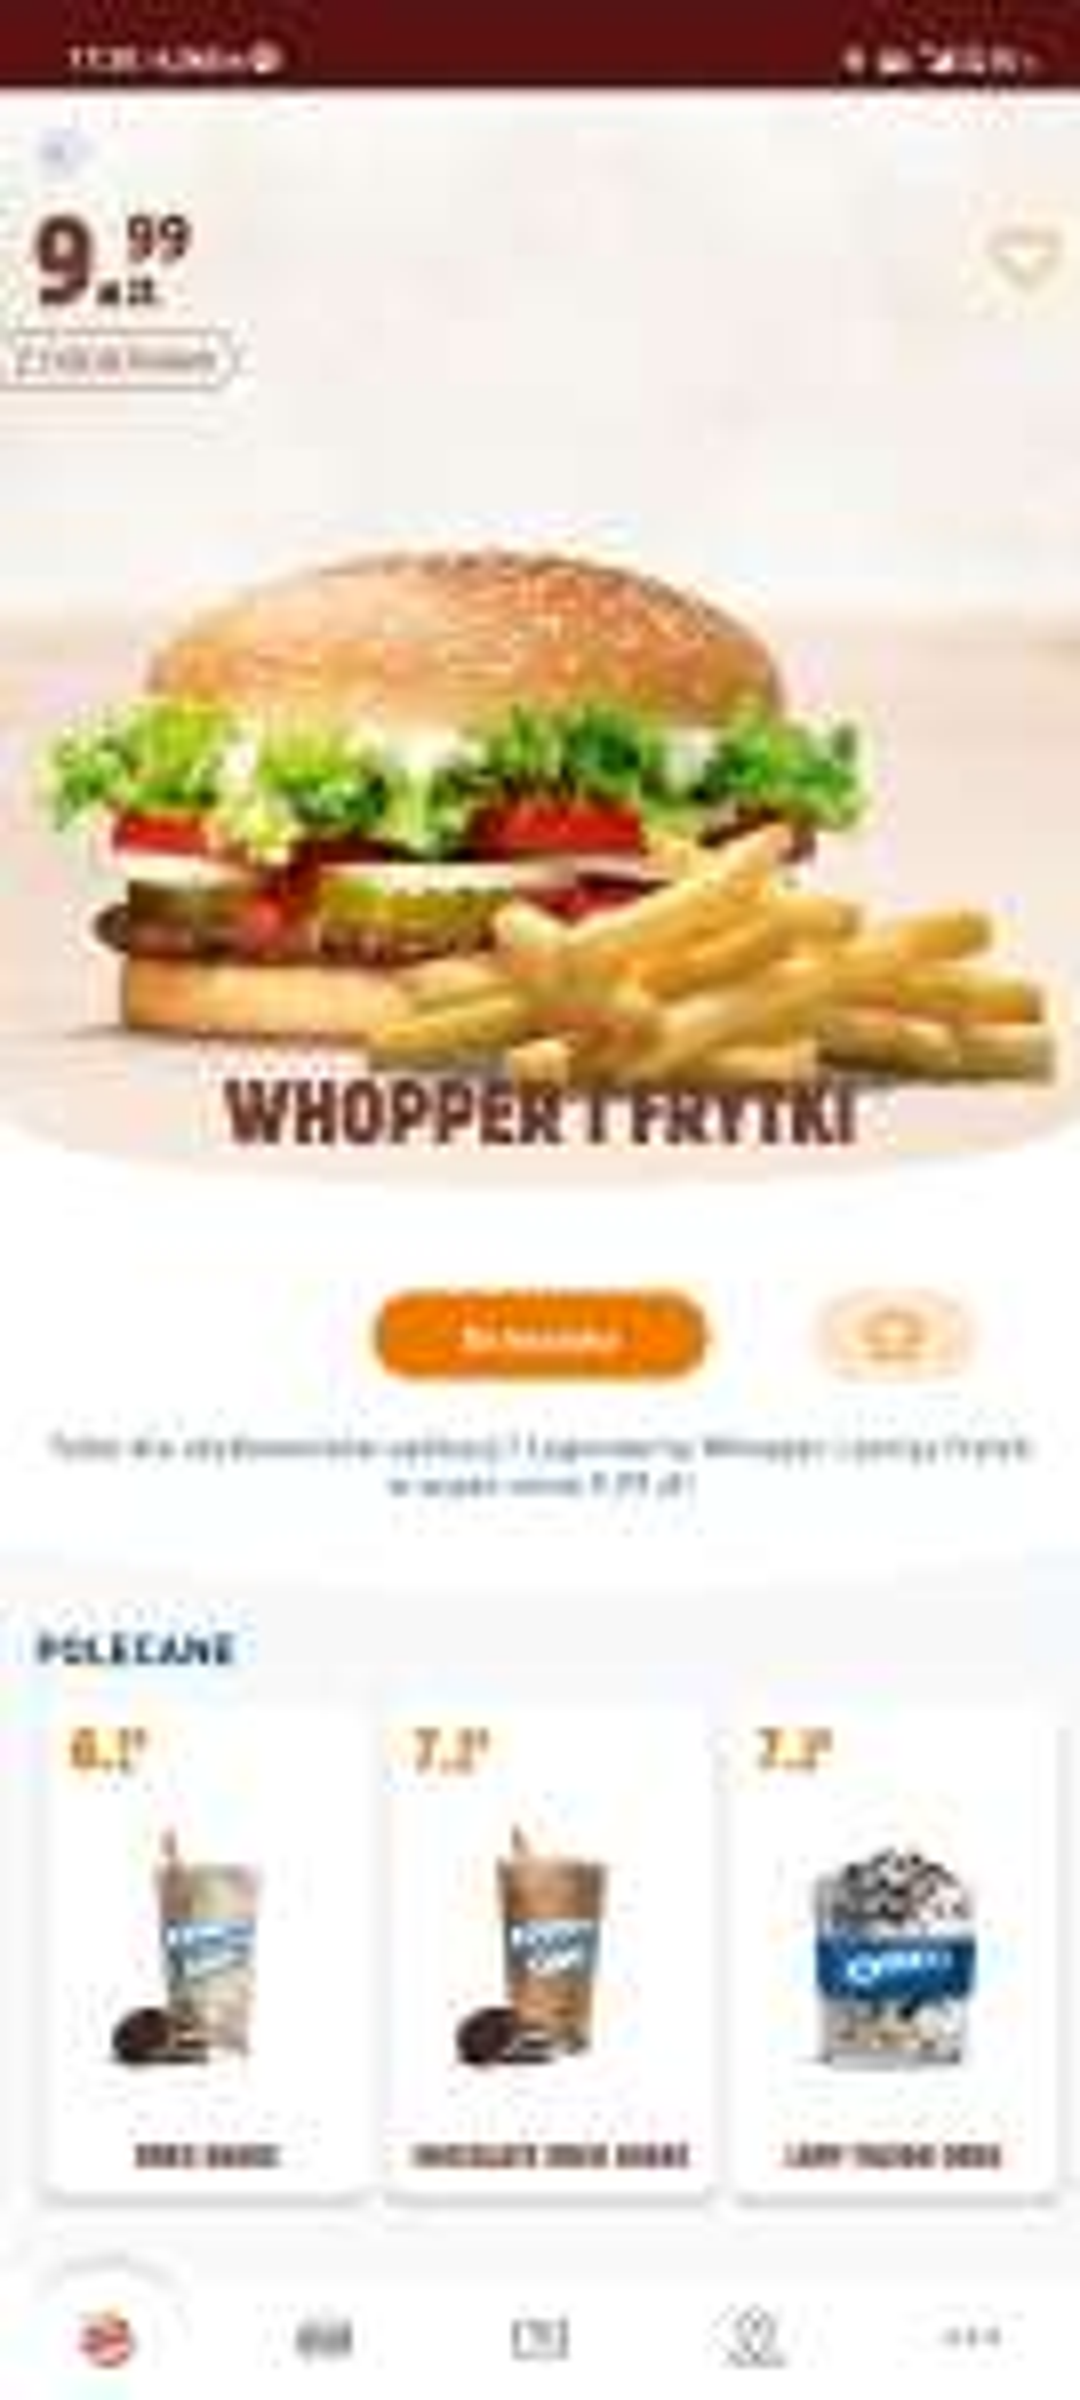 Whooper + małe frytki w aplikacji